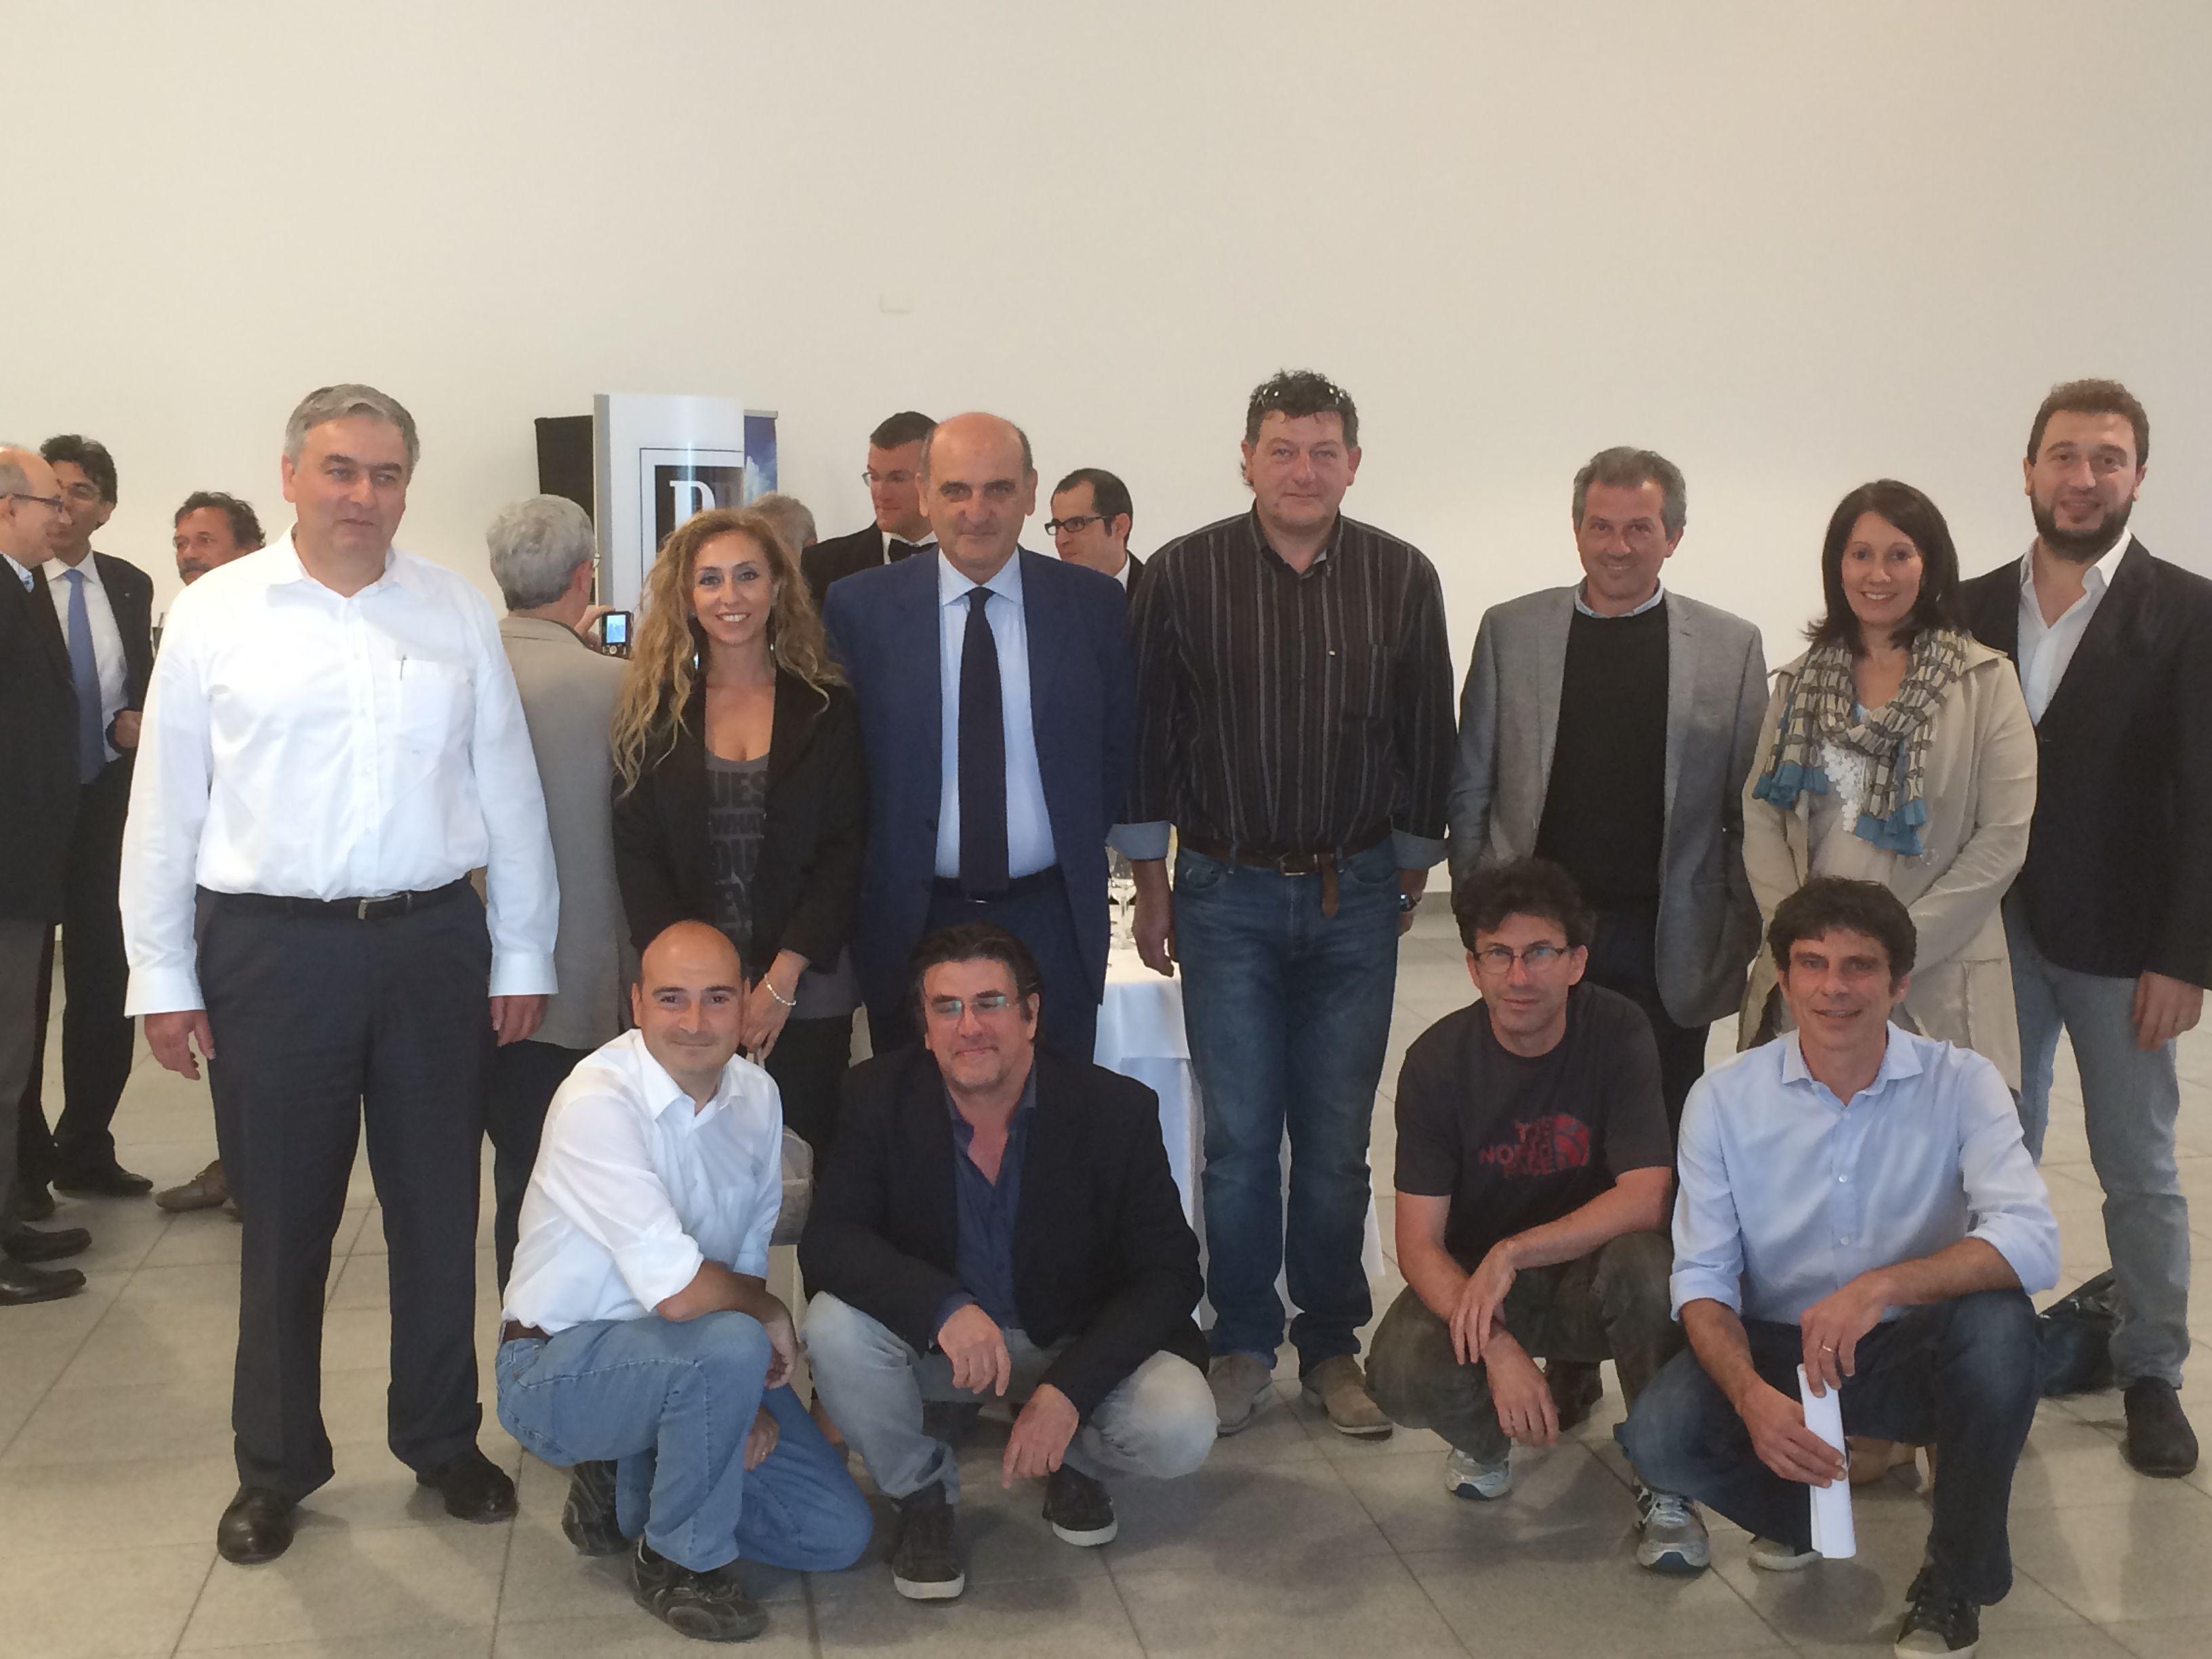 http://www.piemonteterradelgusto.com/enogastronomia/item/815-l%E2%80%99erbaluce-di-caluso-e%E2%80%99-il-vino-della-prima-capitale.html